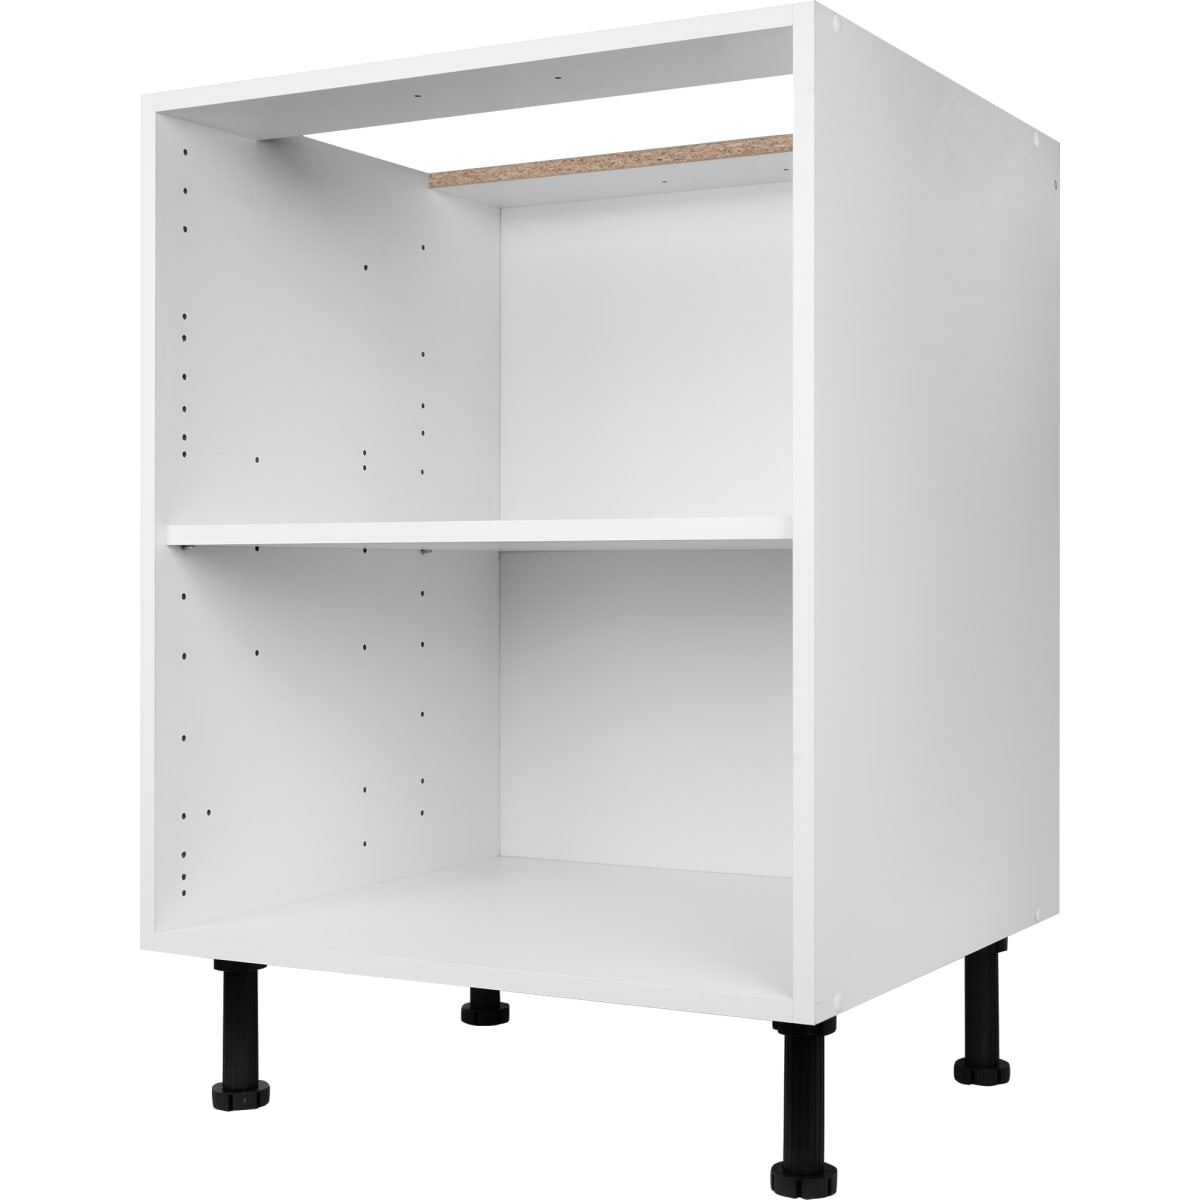 Каркас напольный 60x70x56 см, ЛДСП, цвет белый